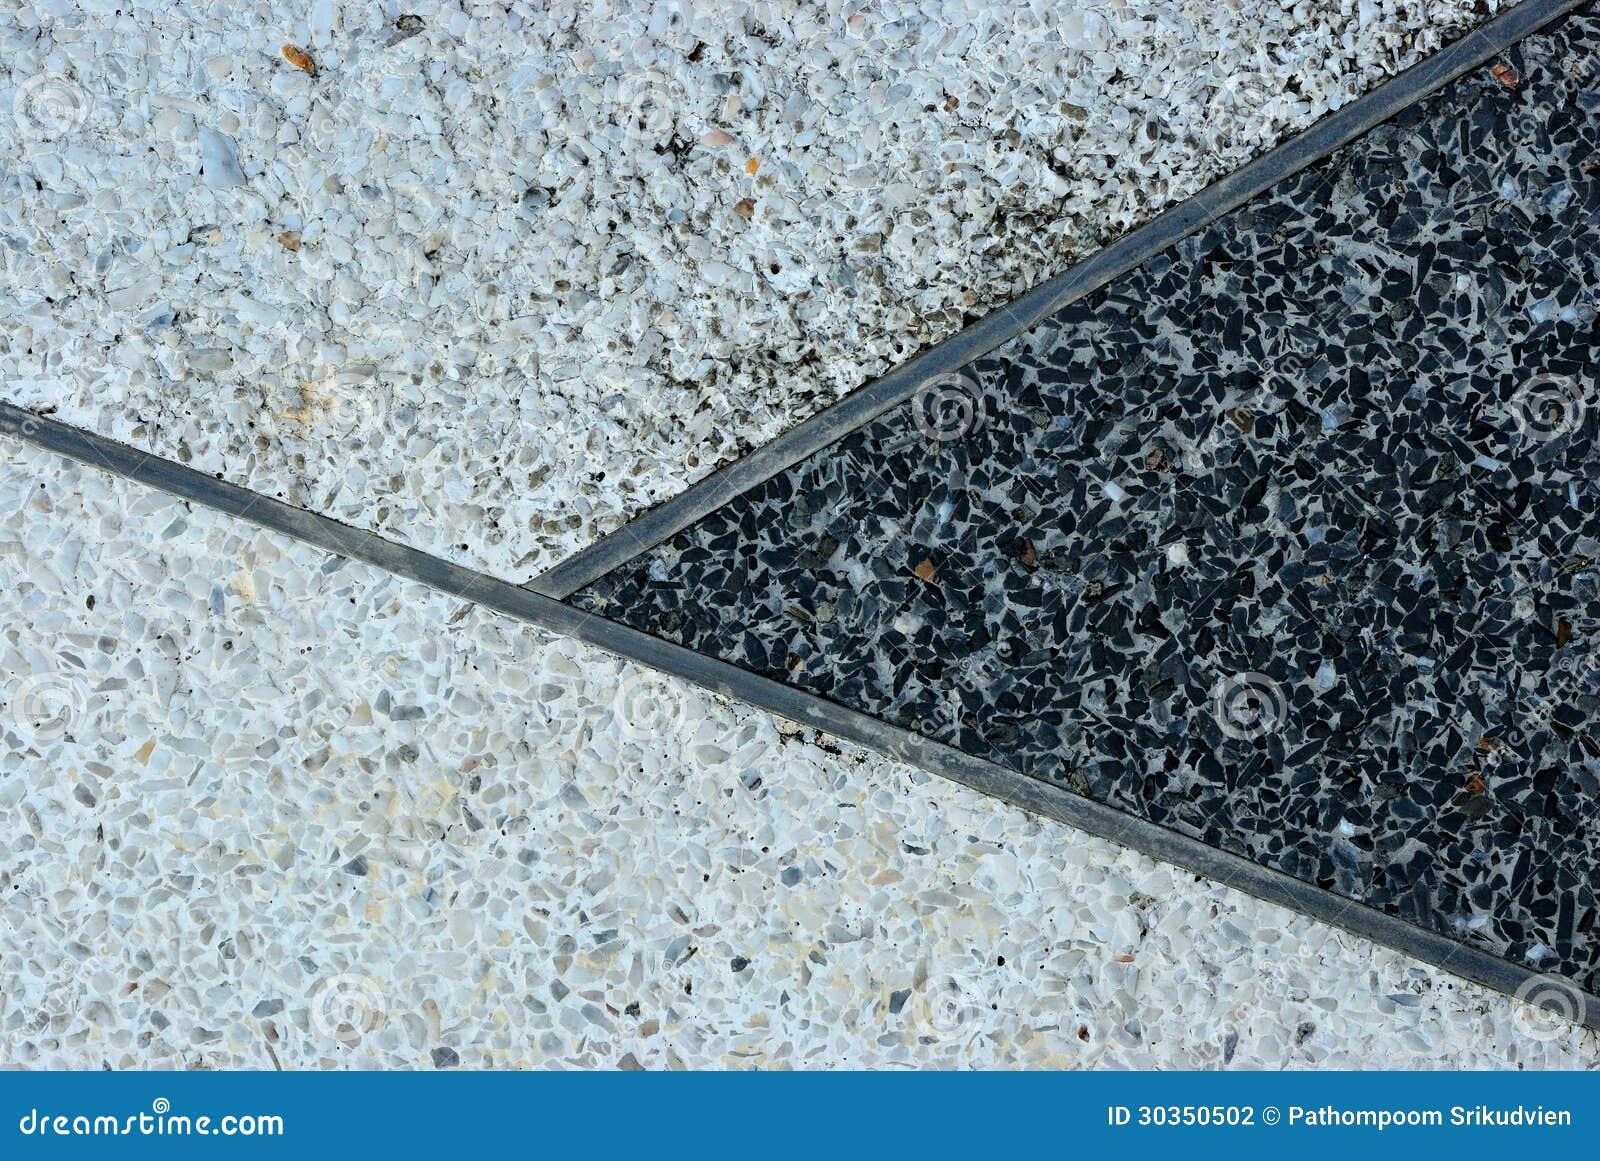 terrazzo floor background stock - photo #49